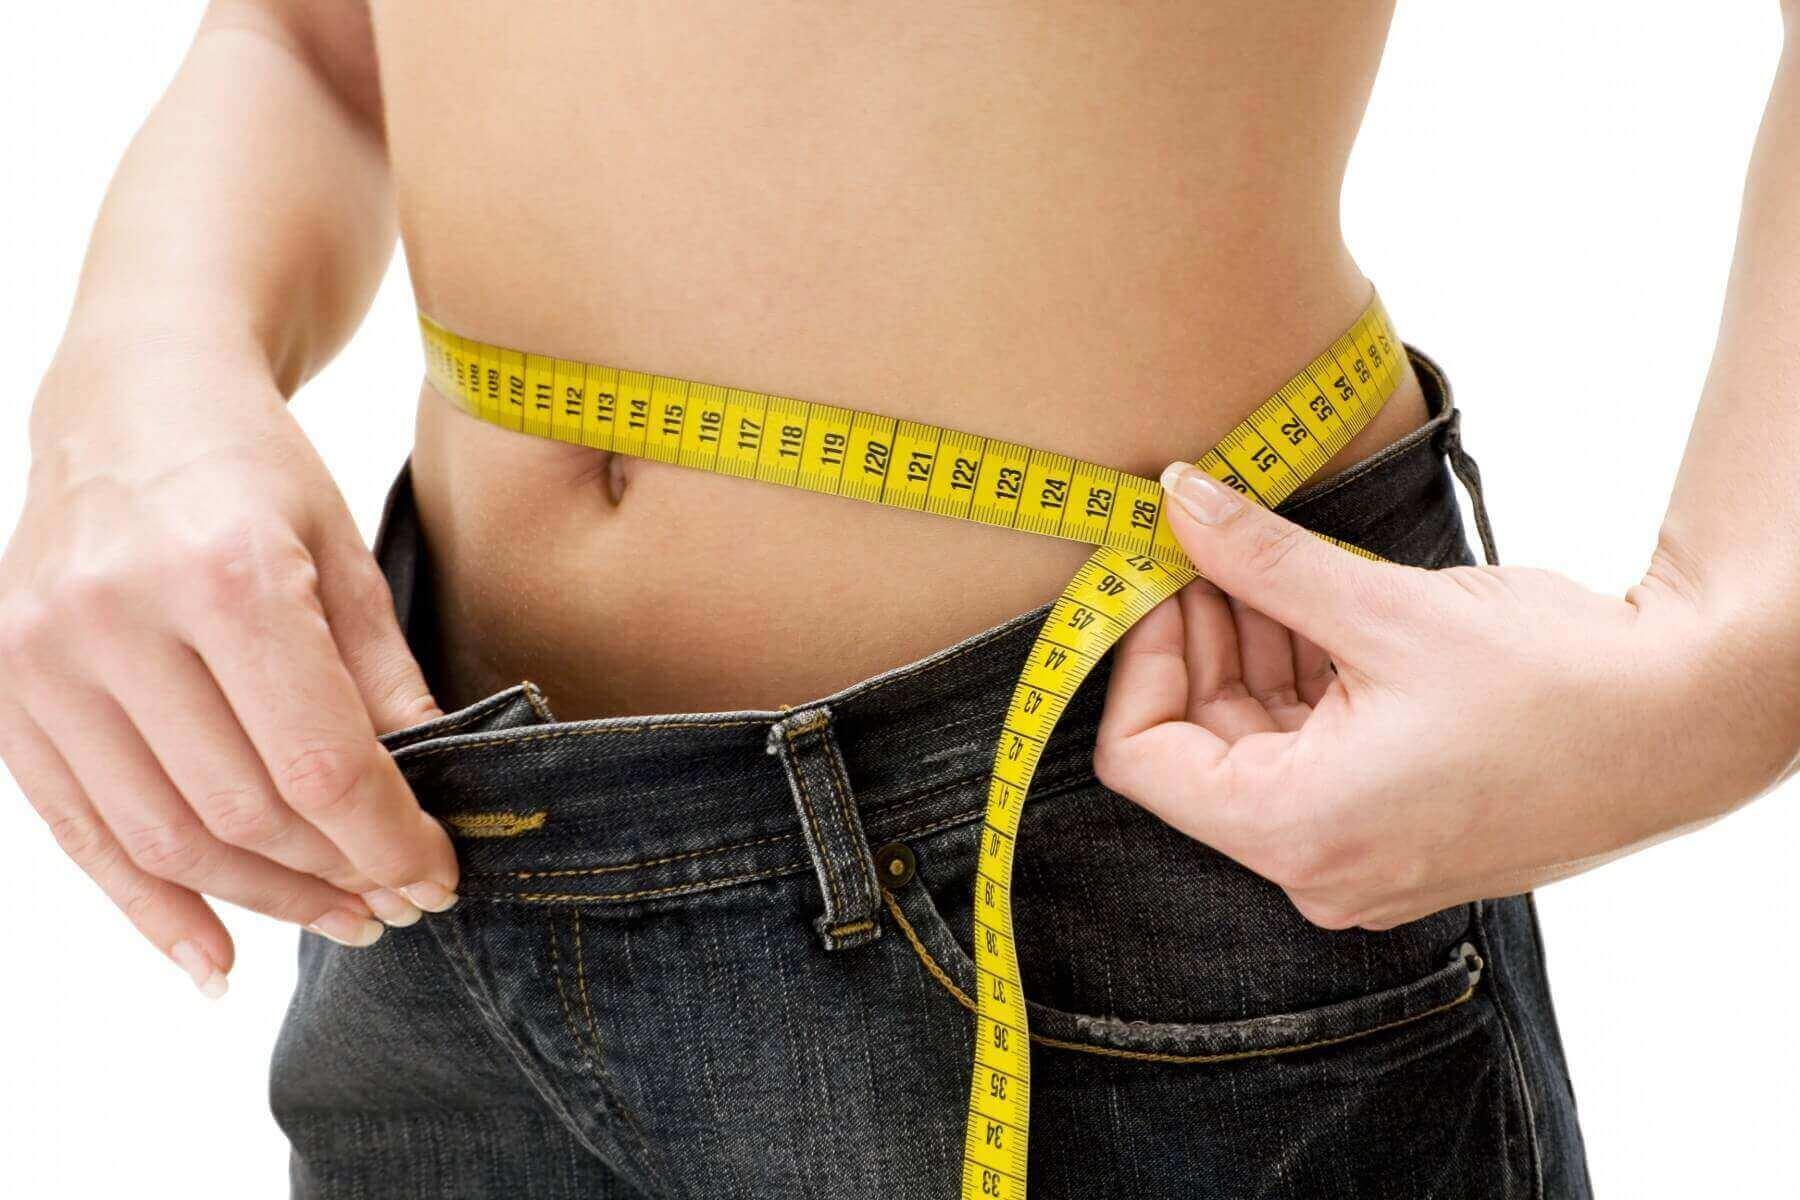 μέτρηση πόντων στη μέση με μεζούρα, δίαιτα χαμηλή σε υδατάνθρακες